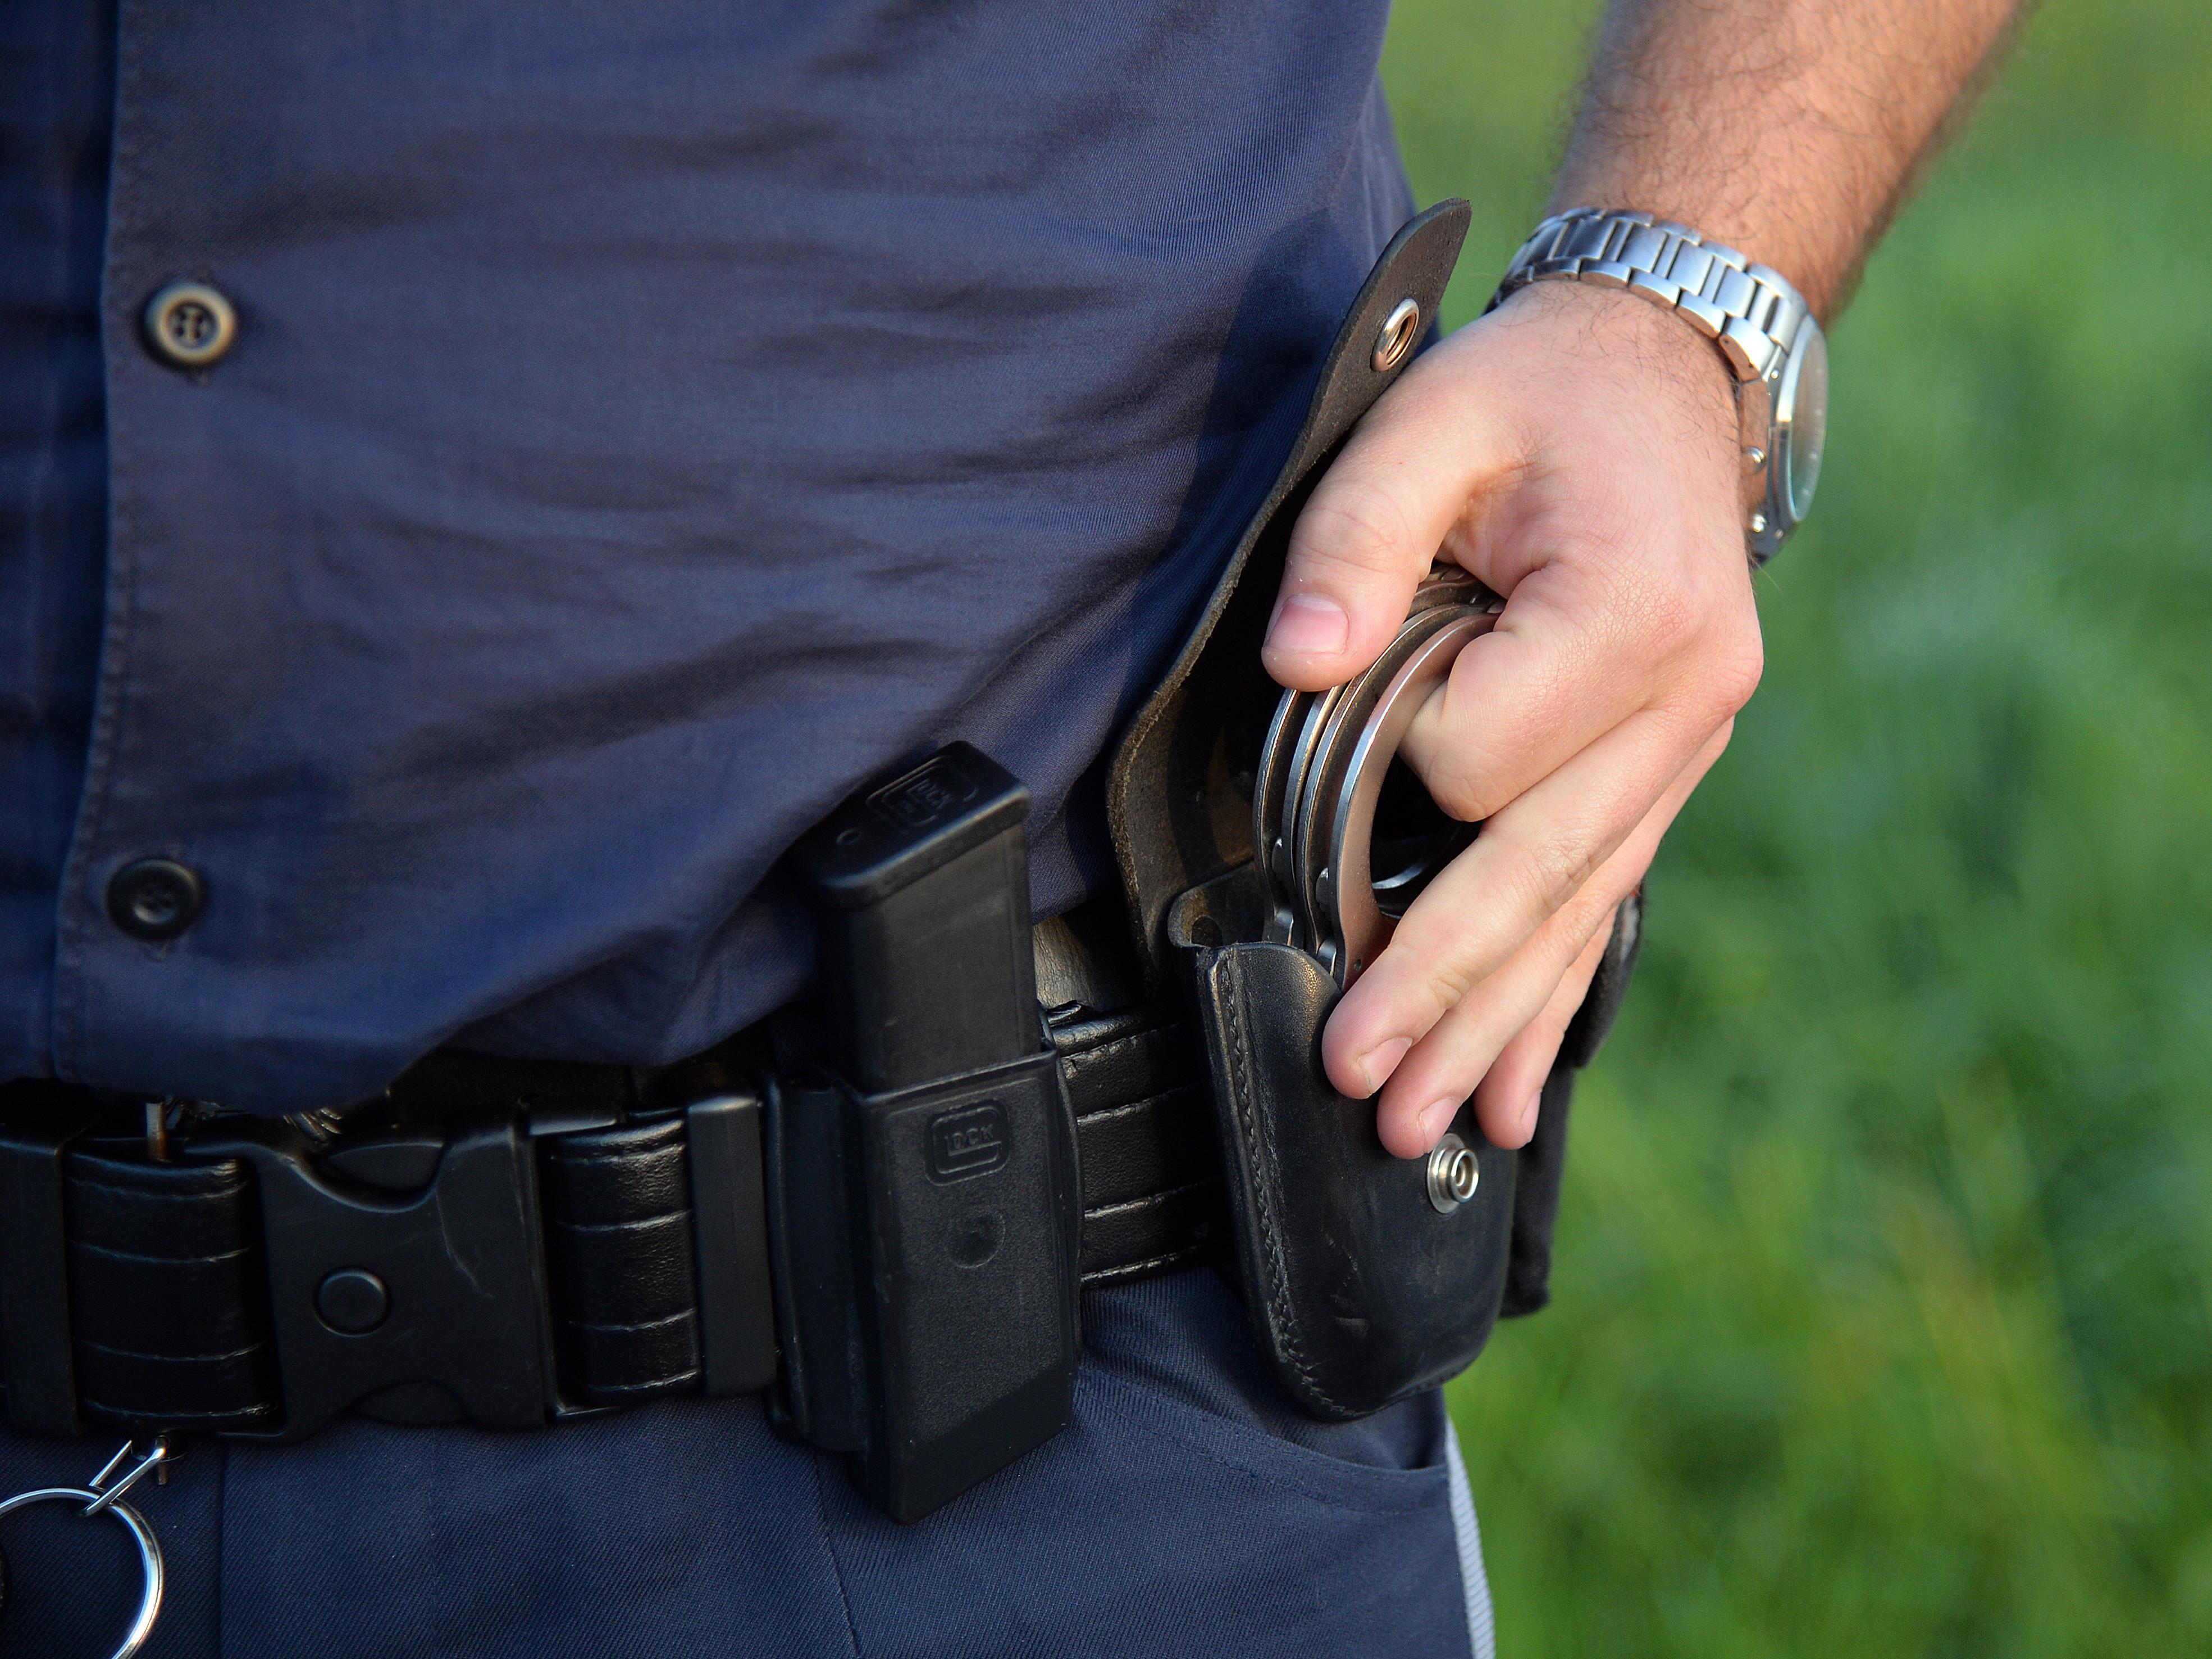 Die vier mutmaßlichen Ladendiebe wurden vorläufig festgenommen.